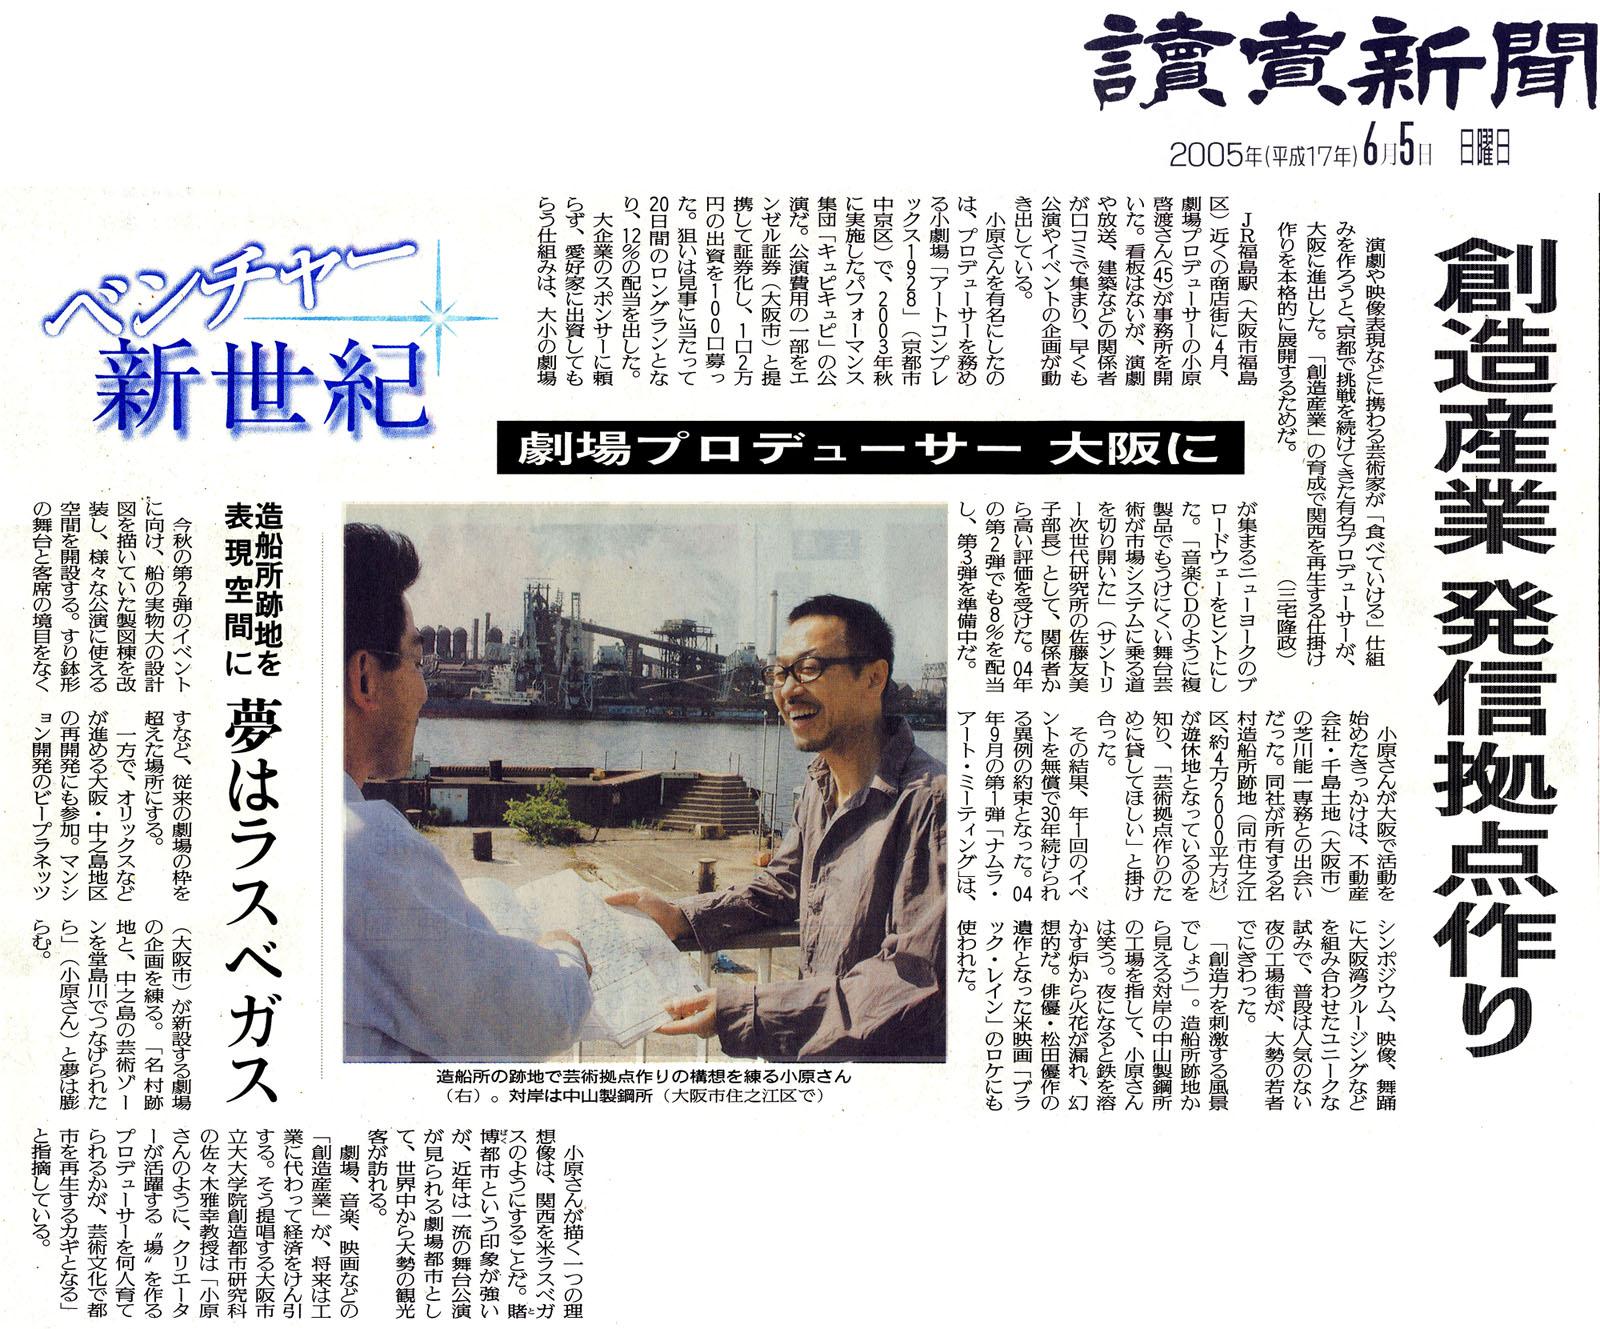 20061119-20050605yomiuri_72.jpg